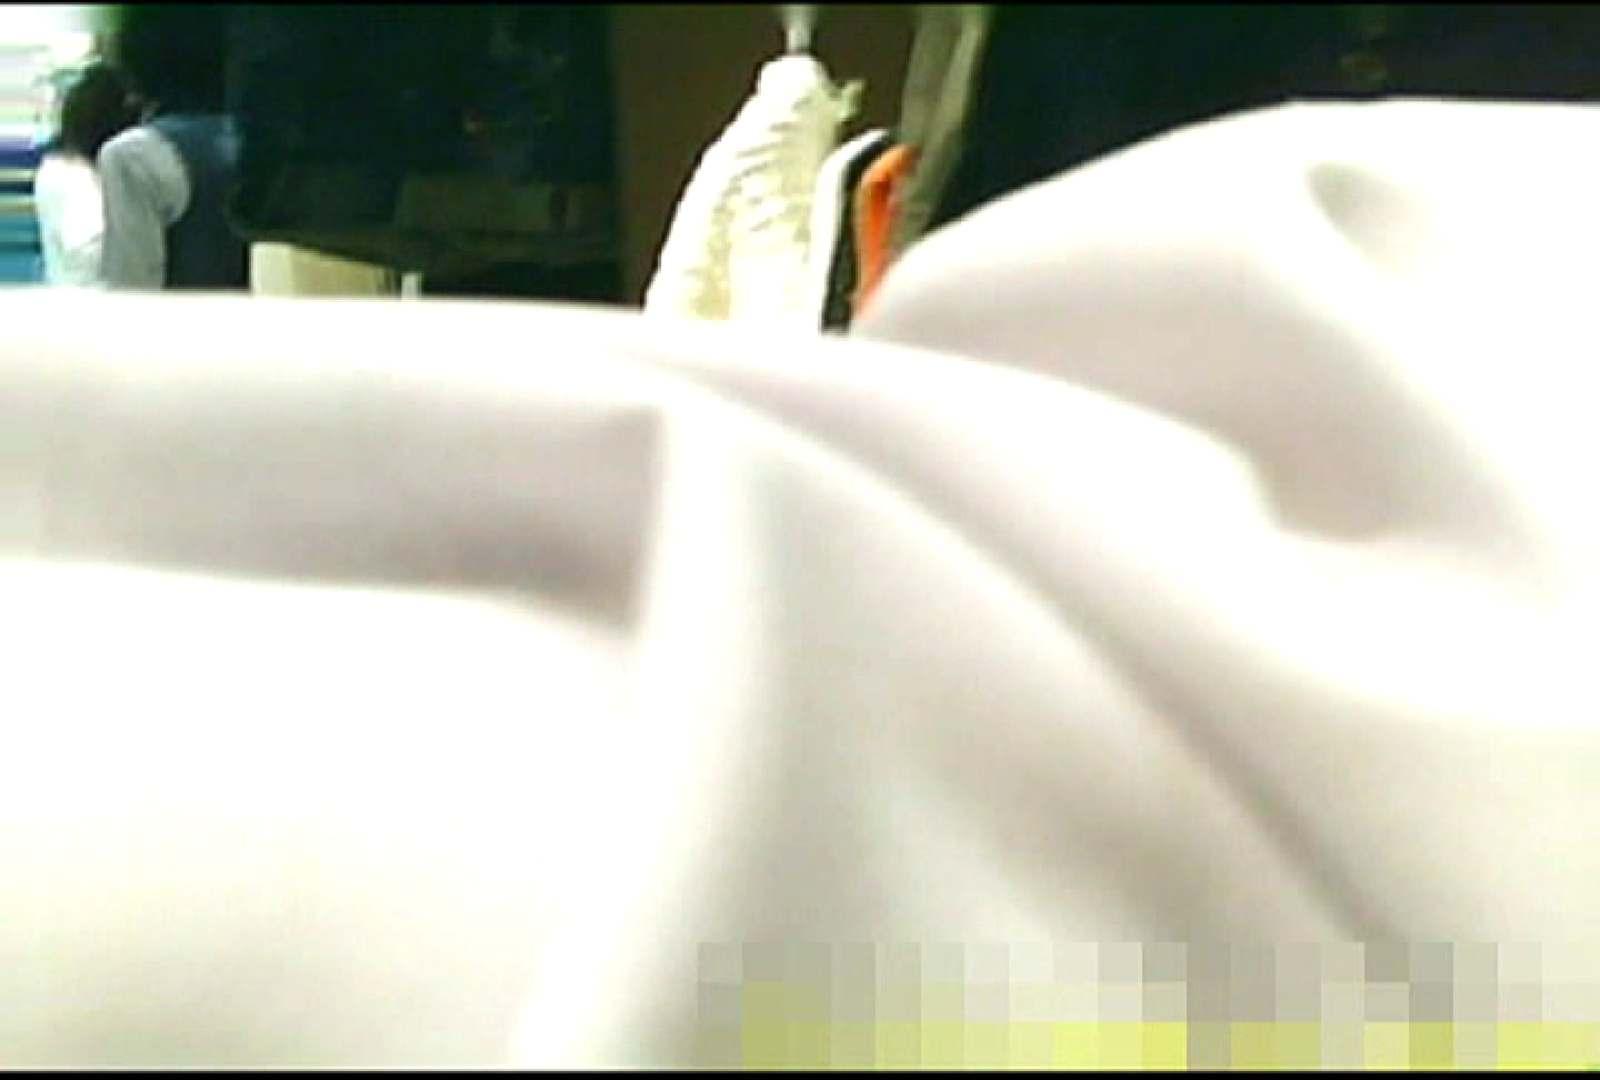 「ノゾキスト」さんの陰撮!!美女サルベージVol.4 ギャルヌード  97画像 66